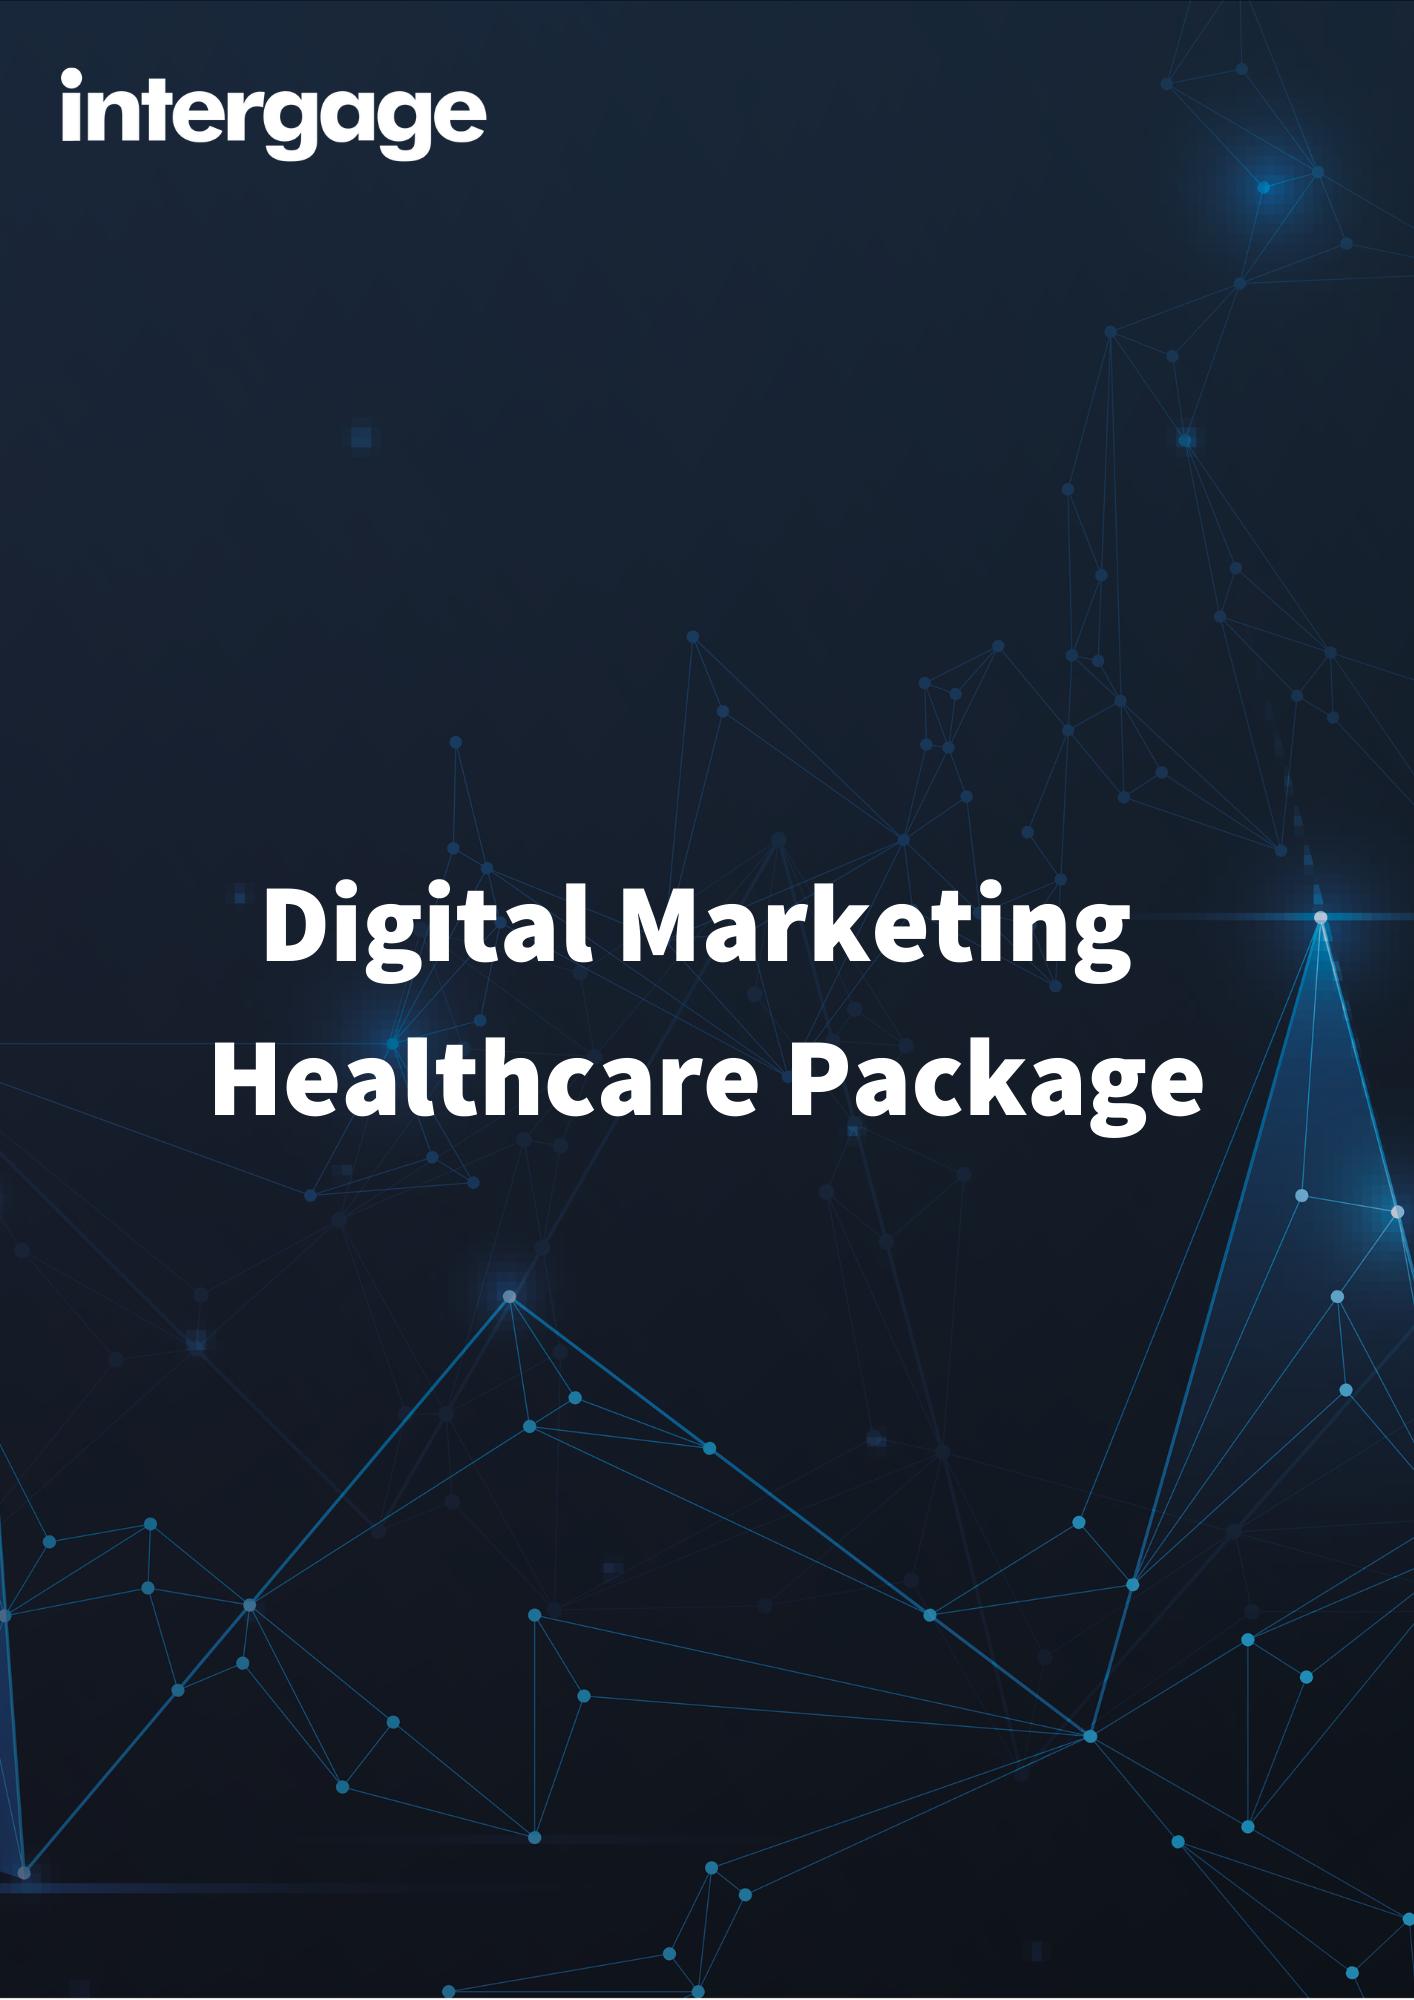 Digital Marketing Healthcare Package